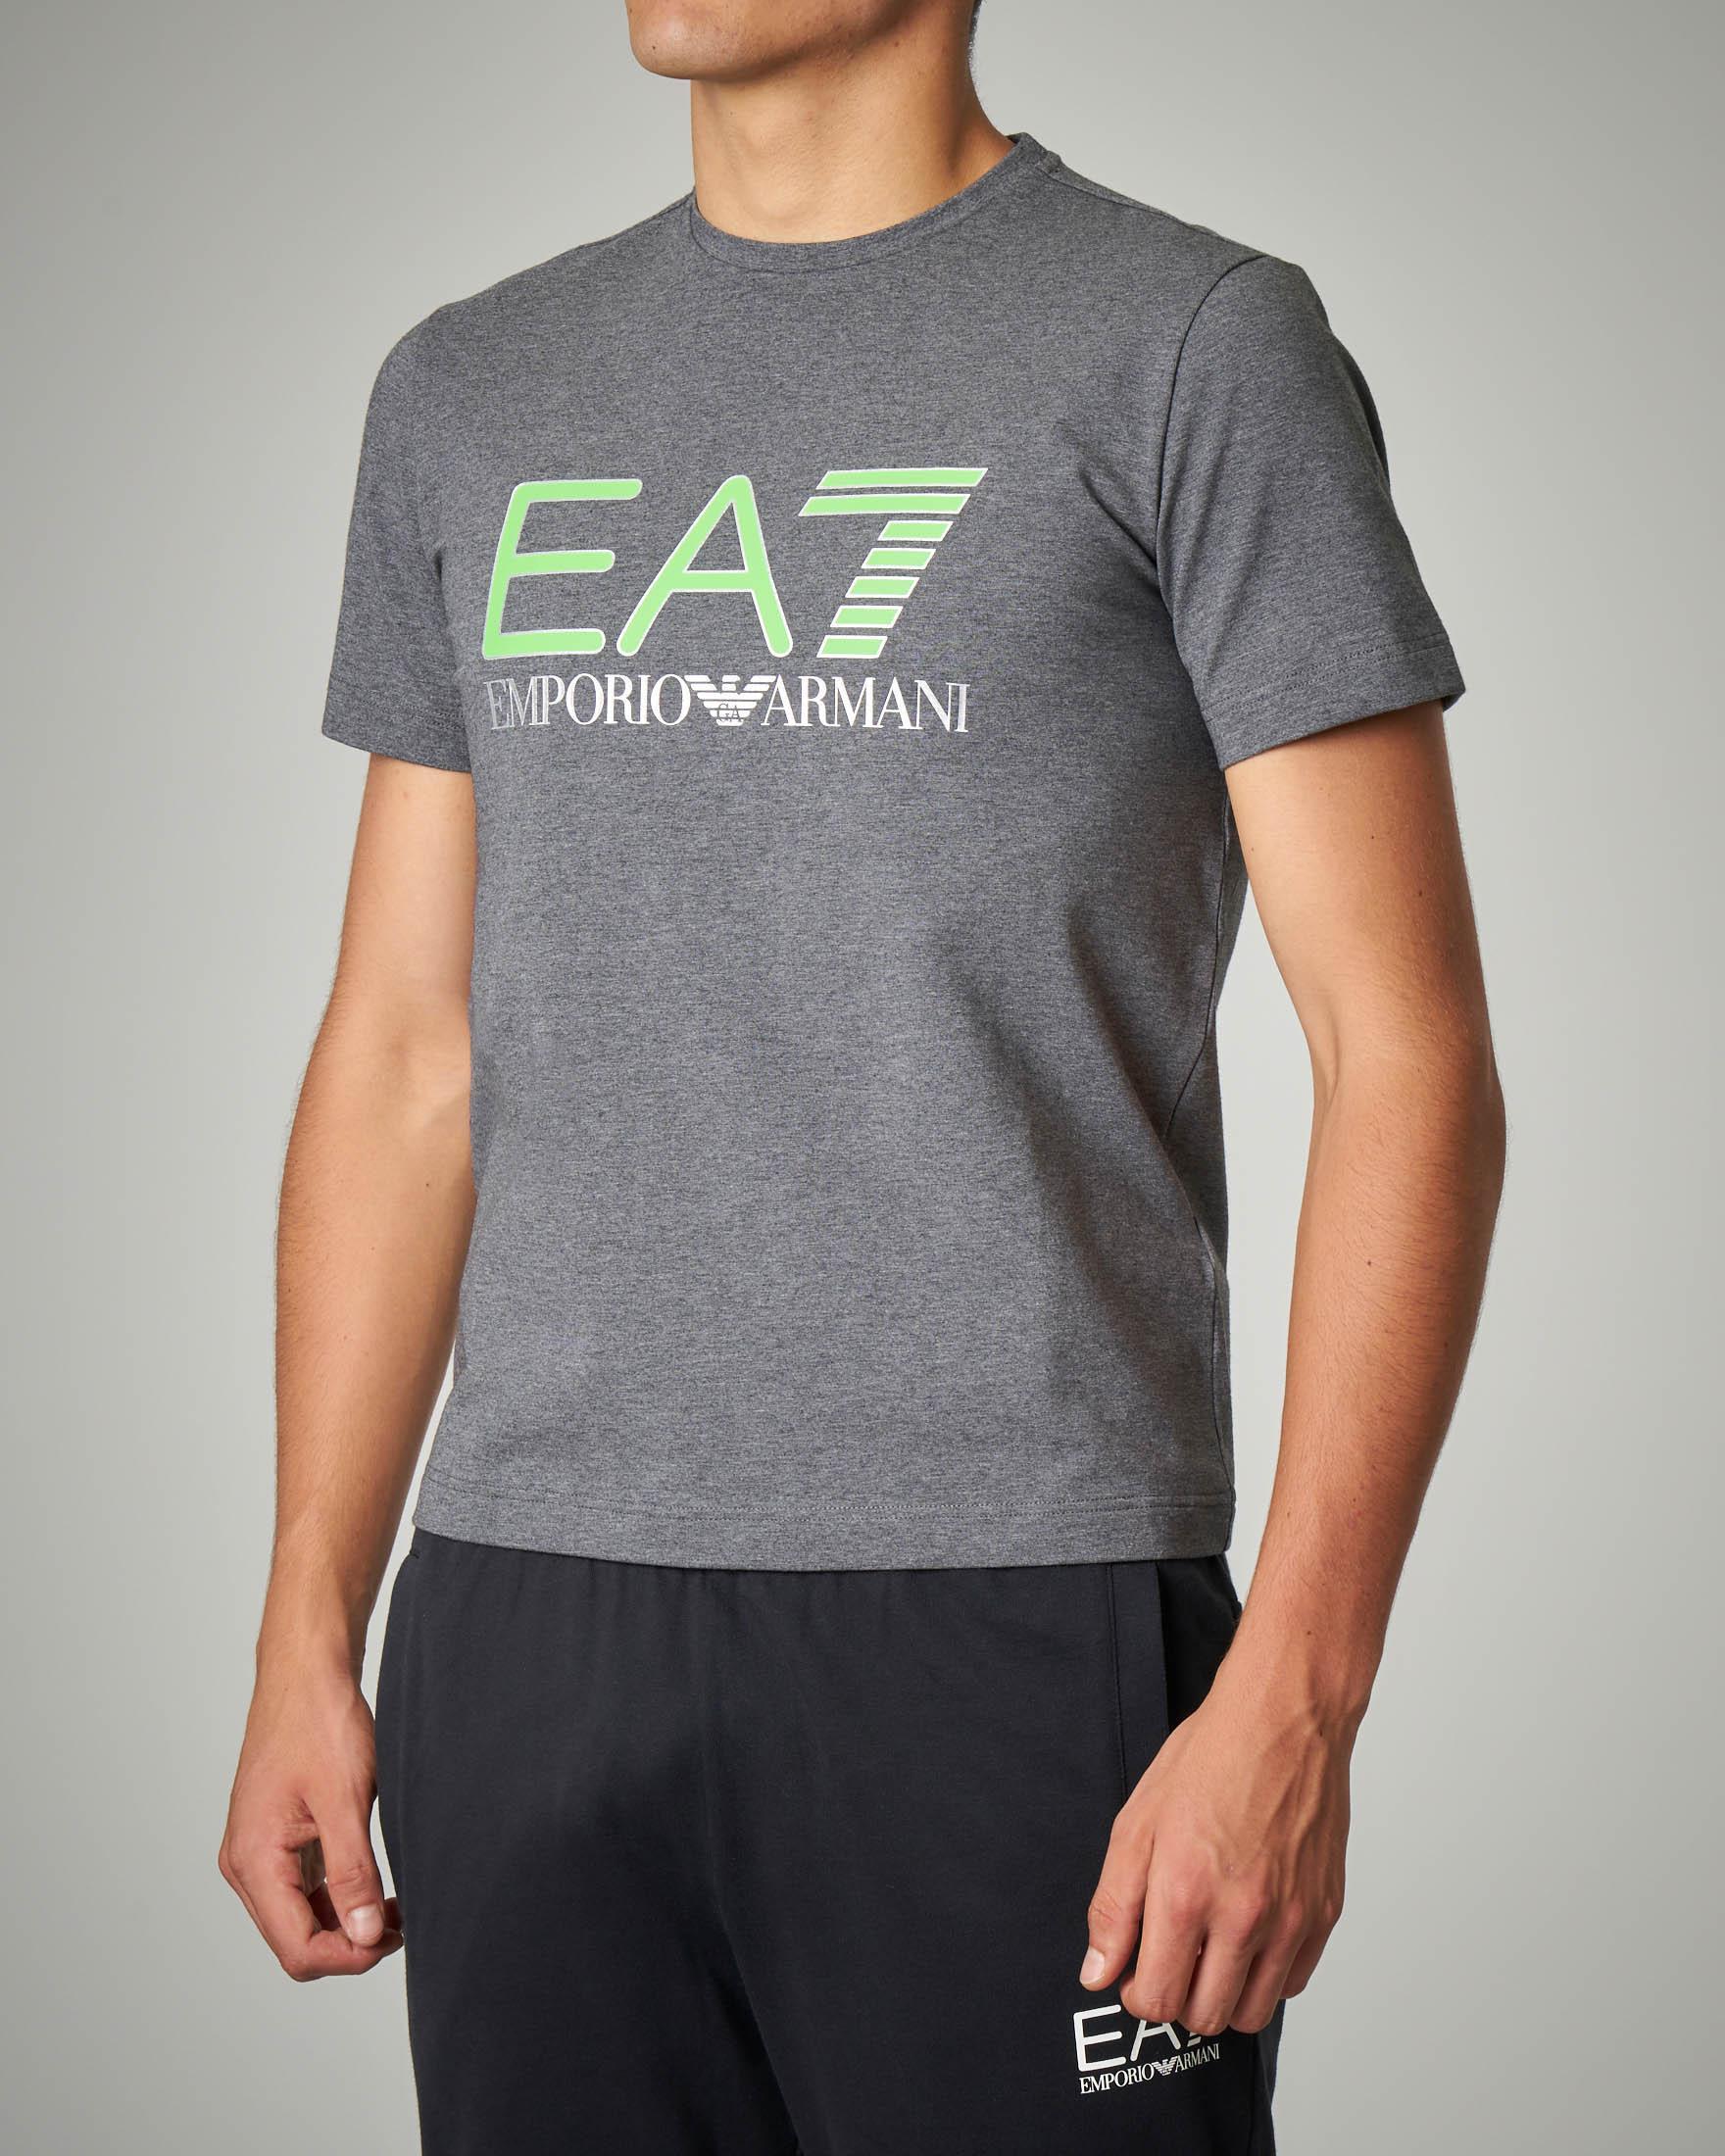 T-shirt grigia stretch logo fluo